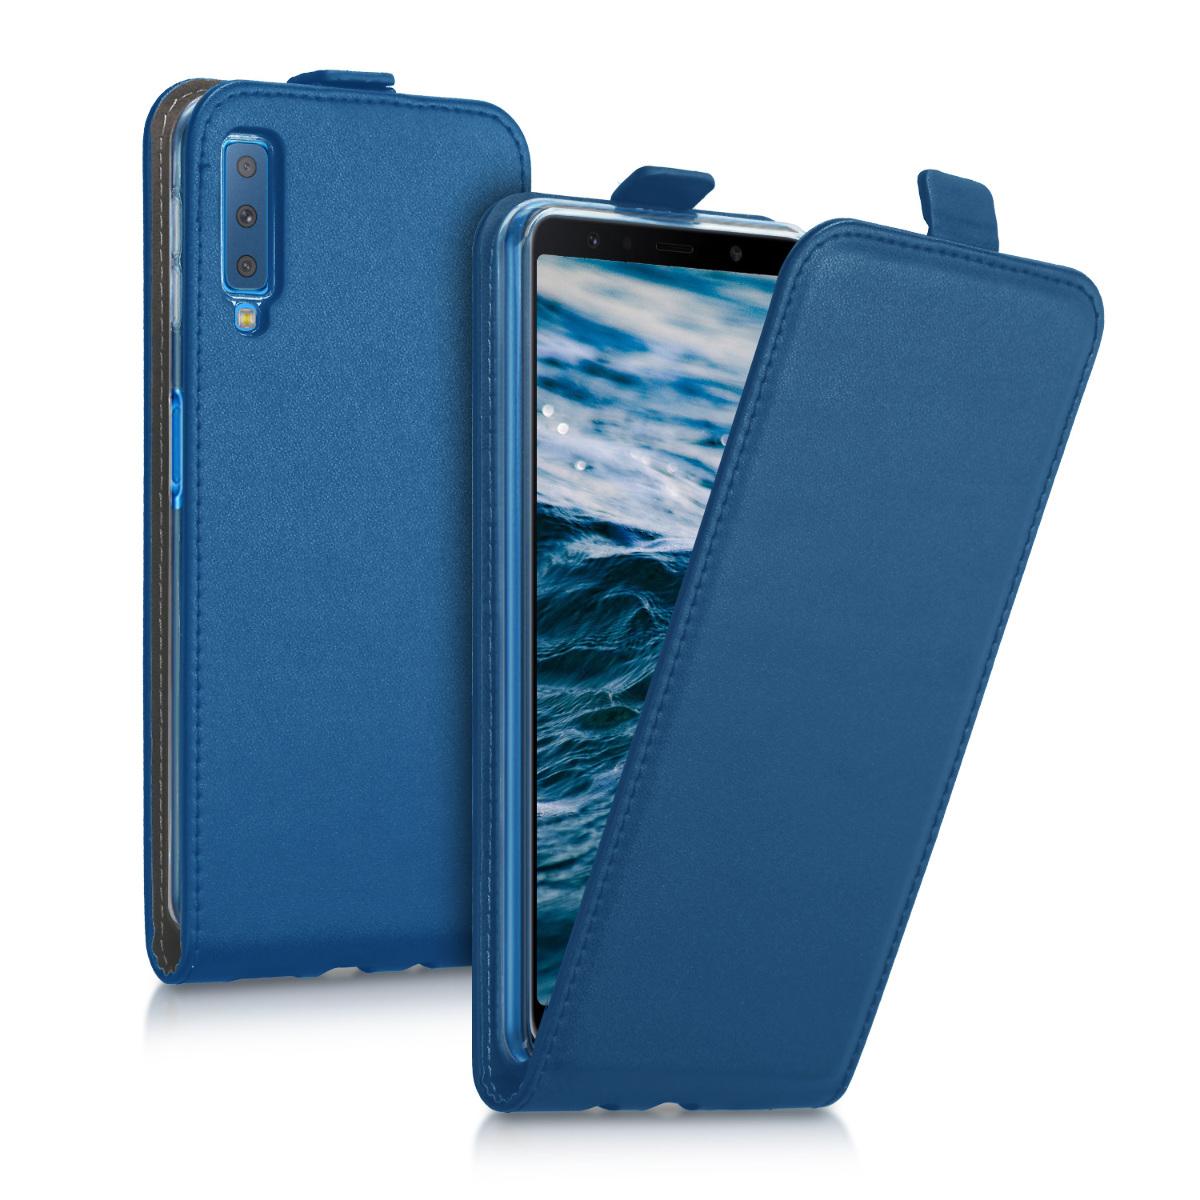 KW Flip Θήκη Samsung Galaxy A7 2018 - Dark Blue (46428.17)